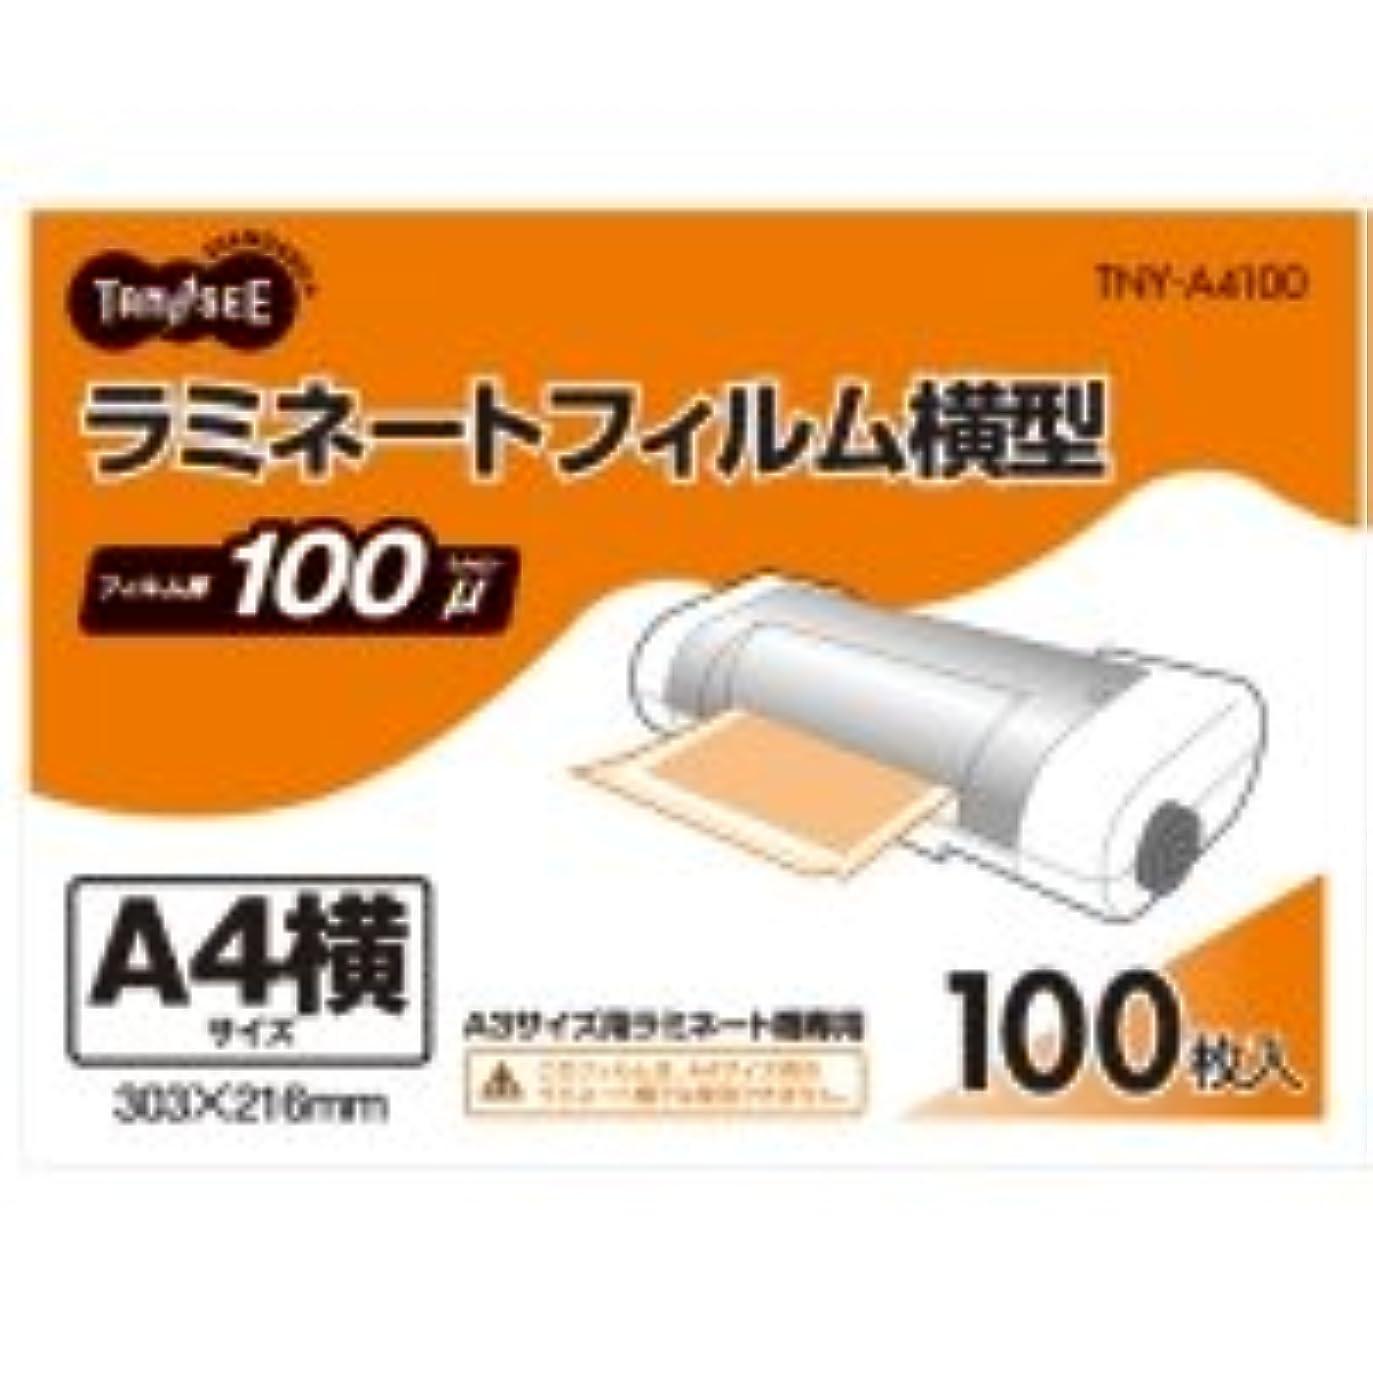 裸神経障害アーティストラミネートフィルム A4 ヨコ型 グロスタイプ(つや有り) 100μ 1パック(100枚)